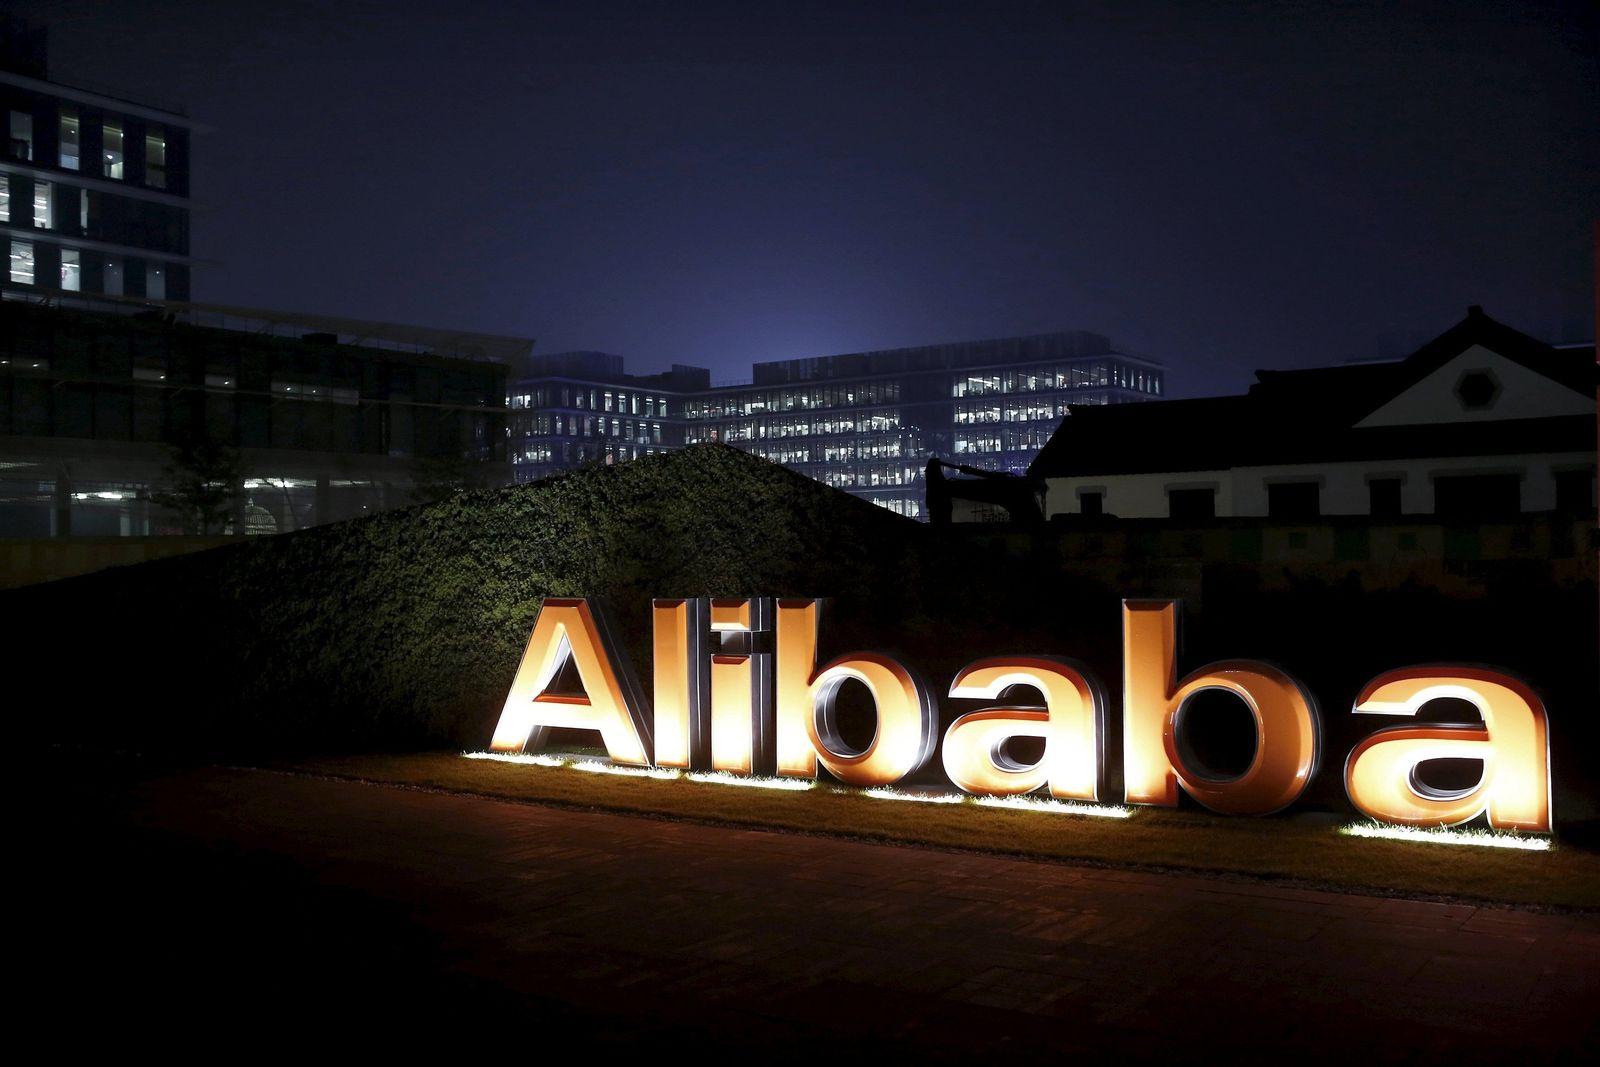 ALIBABA-LAWSUIT/FAKE